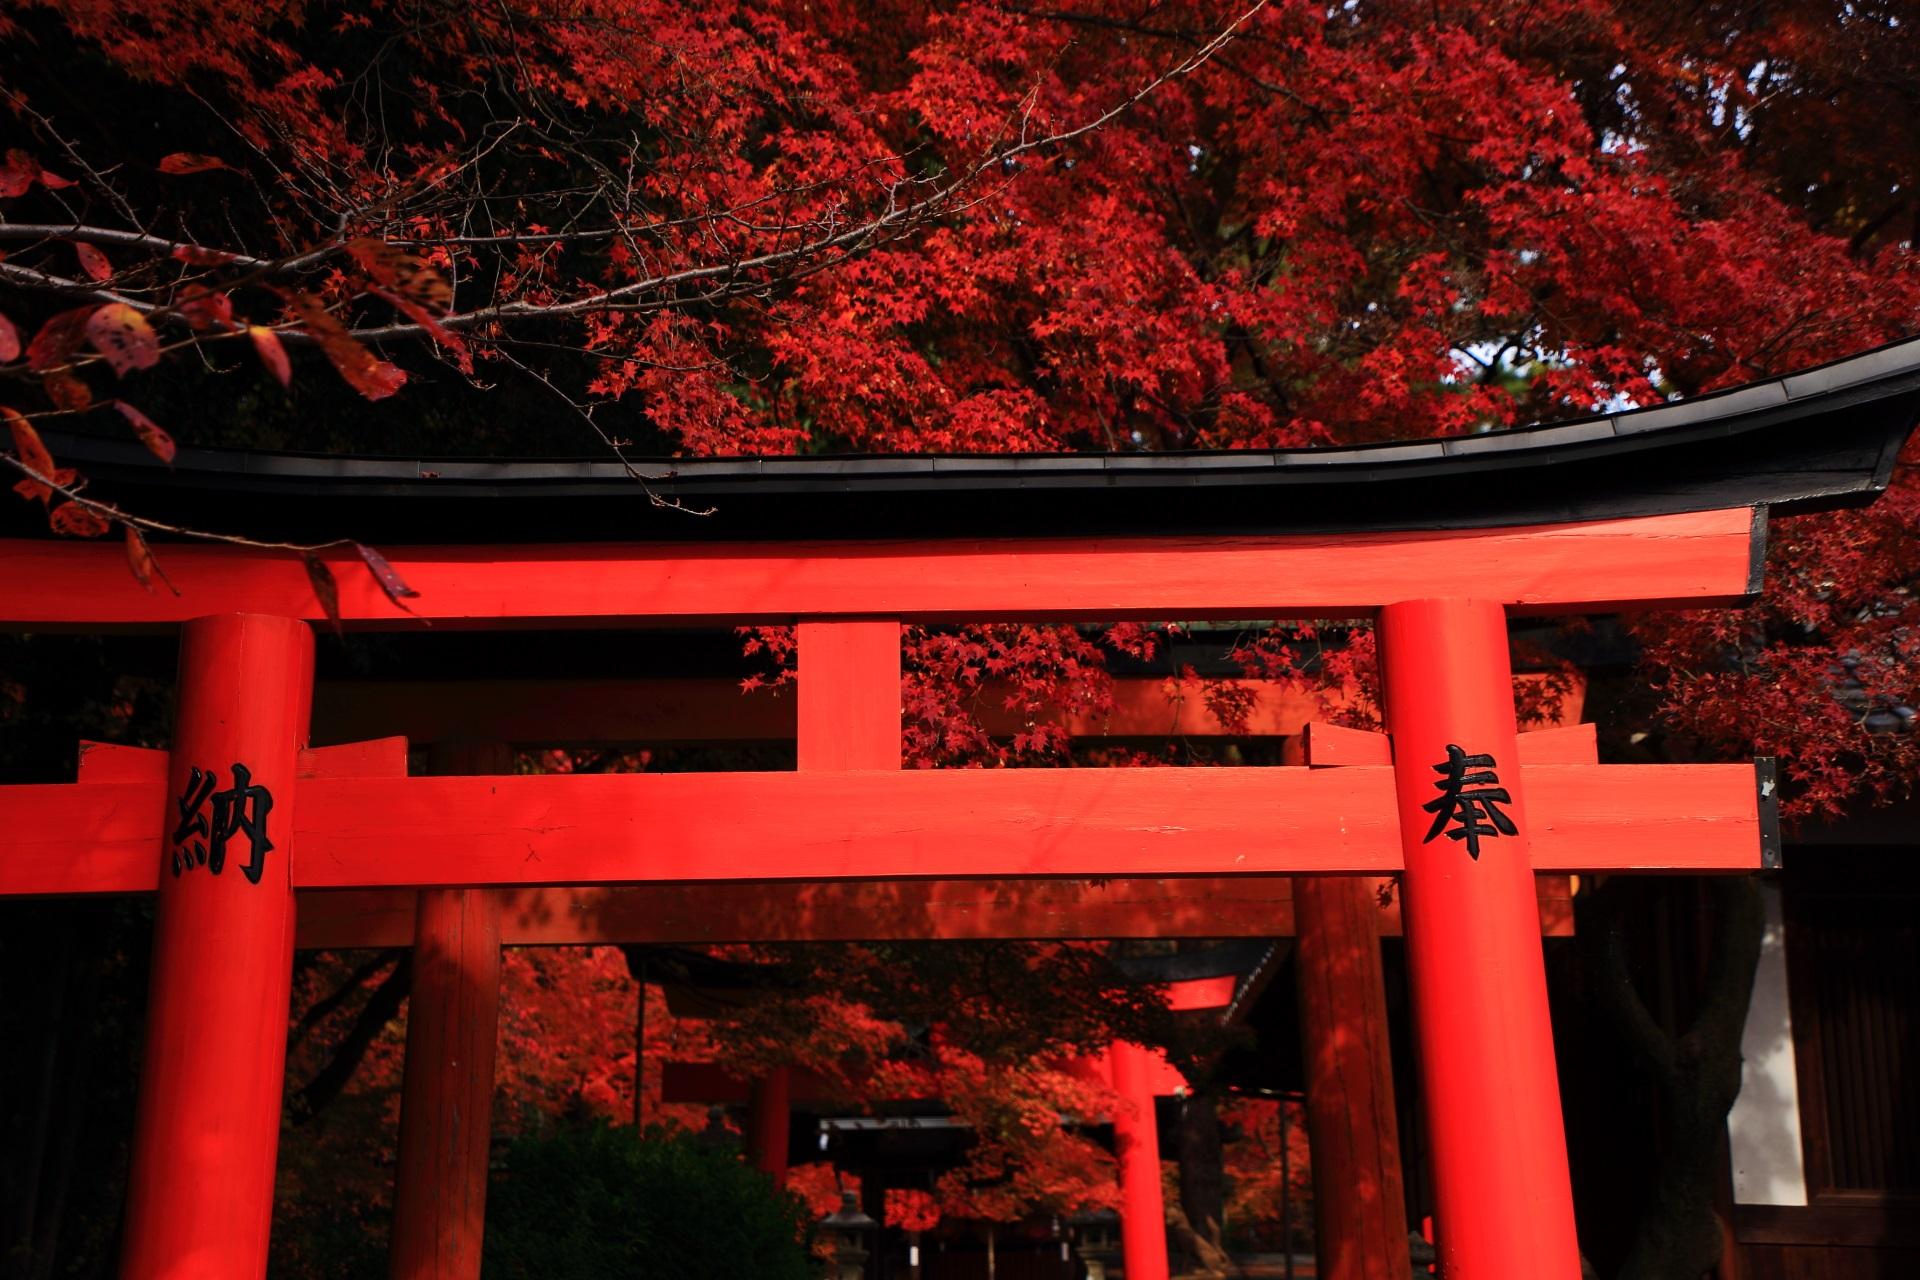 竹中稲荷神社の赤い鳥居を彩る真っ赤な紅葉